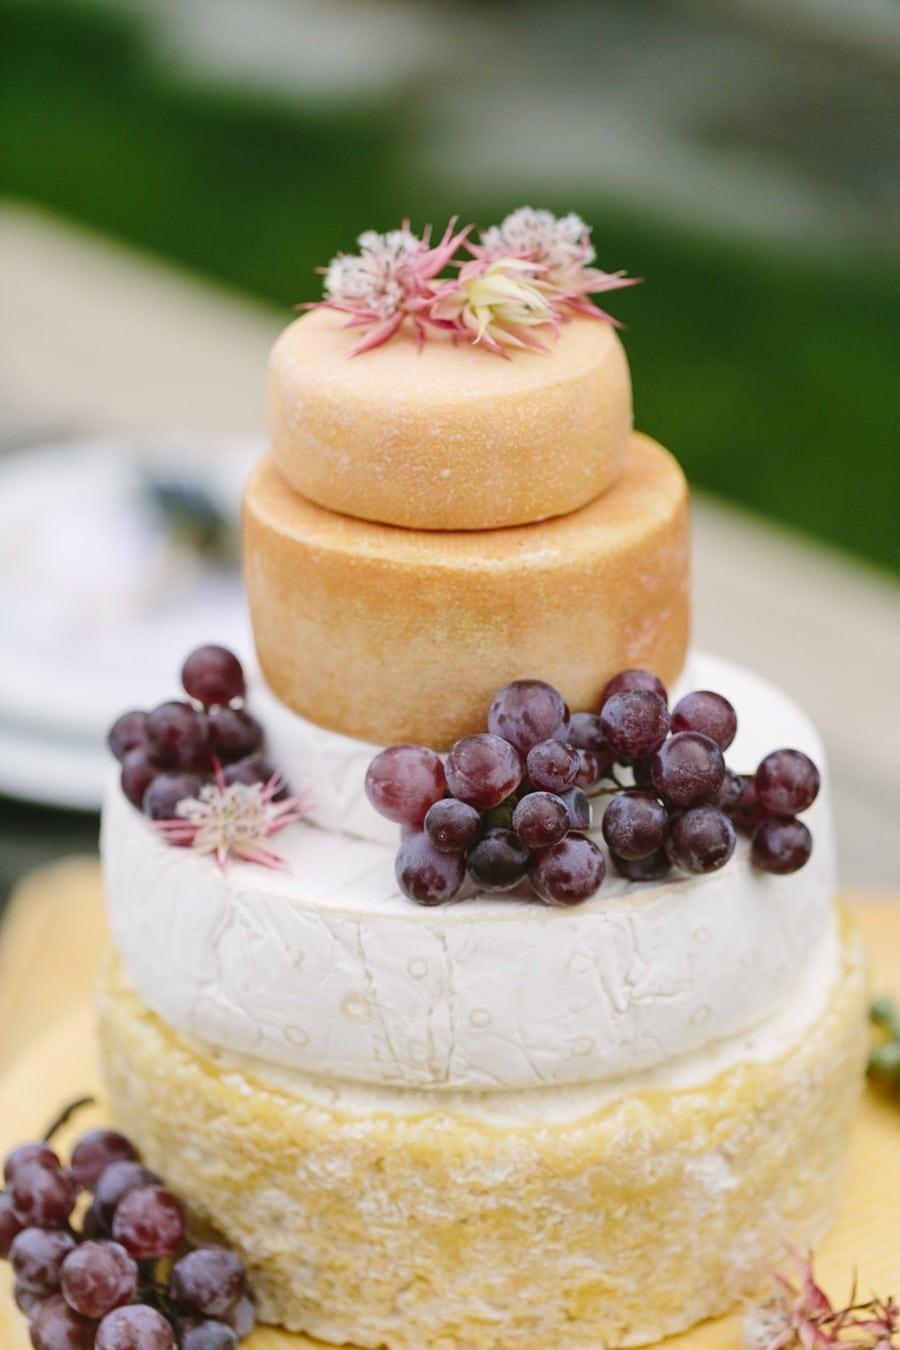 Torte aus Käselaiben als Idee für ein ungewöhnliches Hochzeitscatering